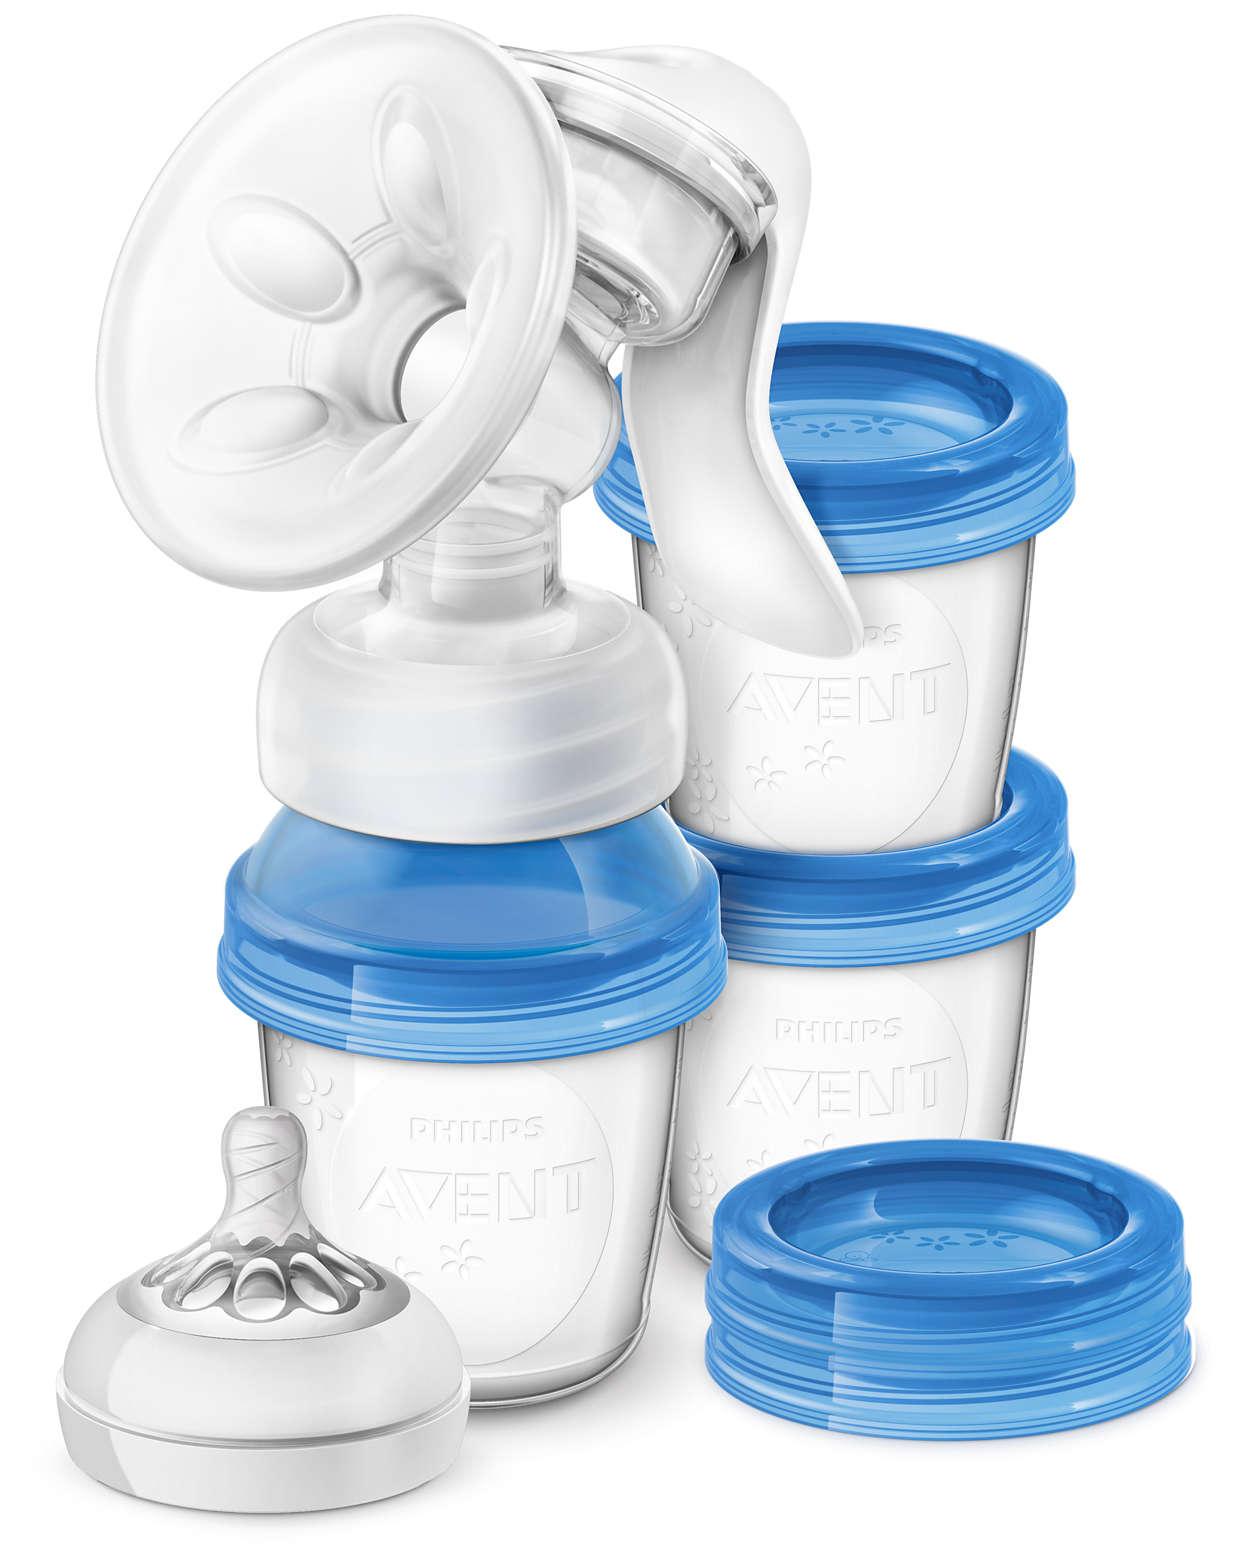 Ruoki vauvaasi helposti ja miellyttävästi